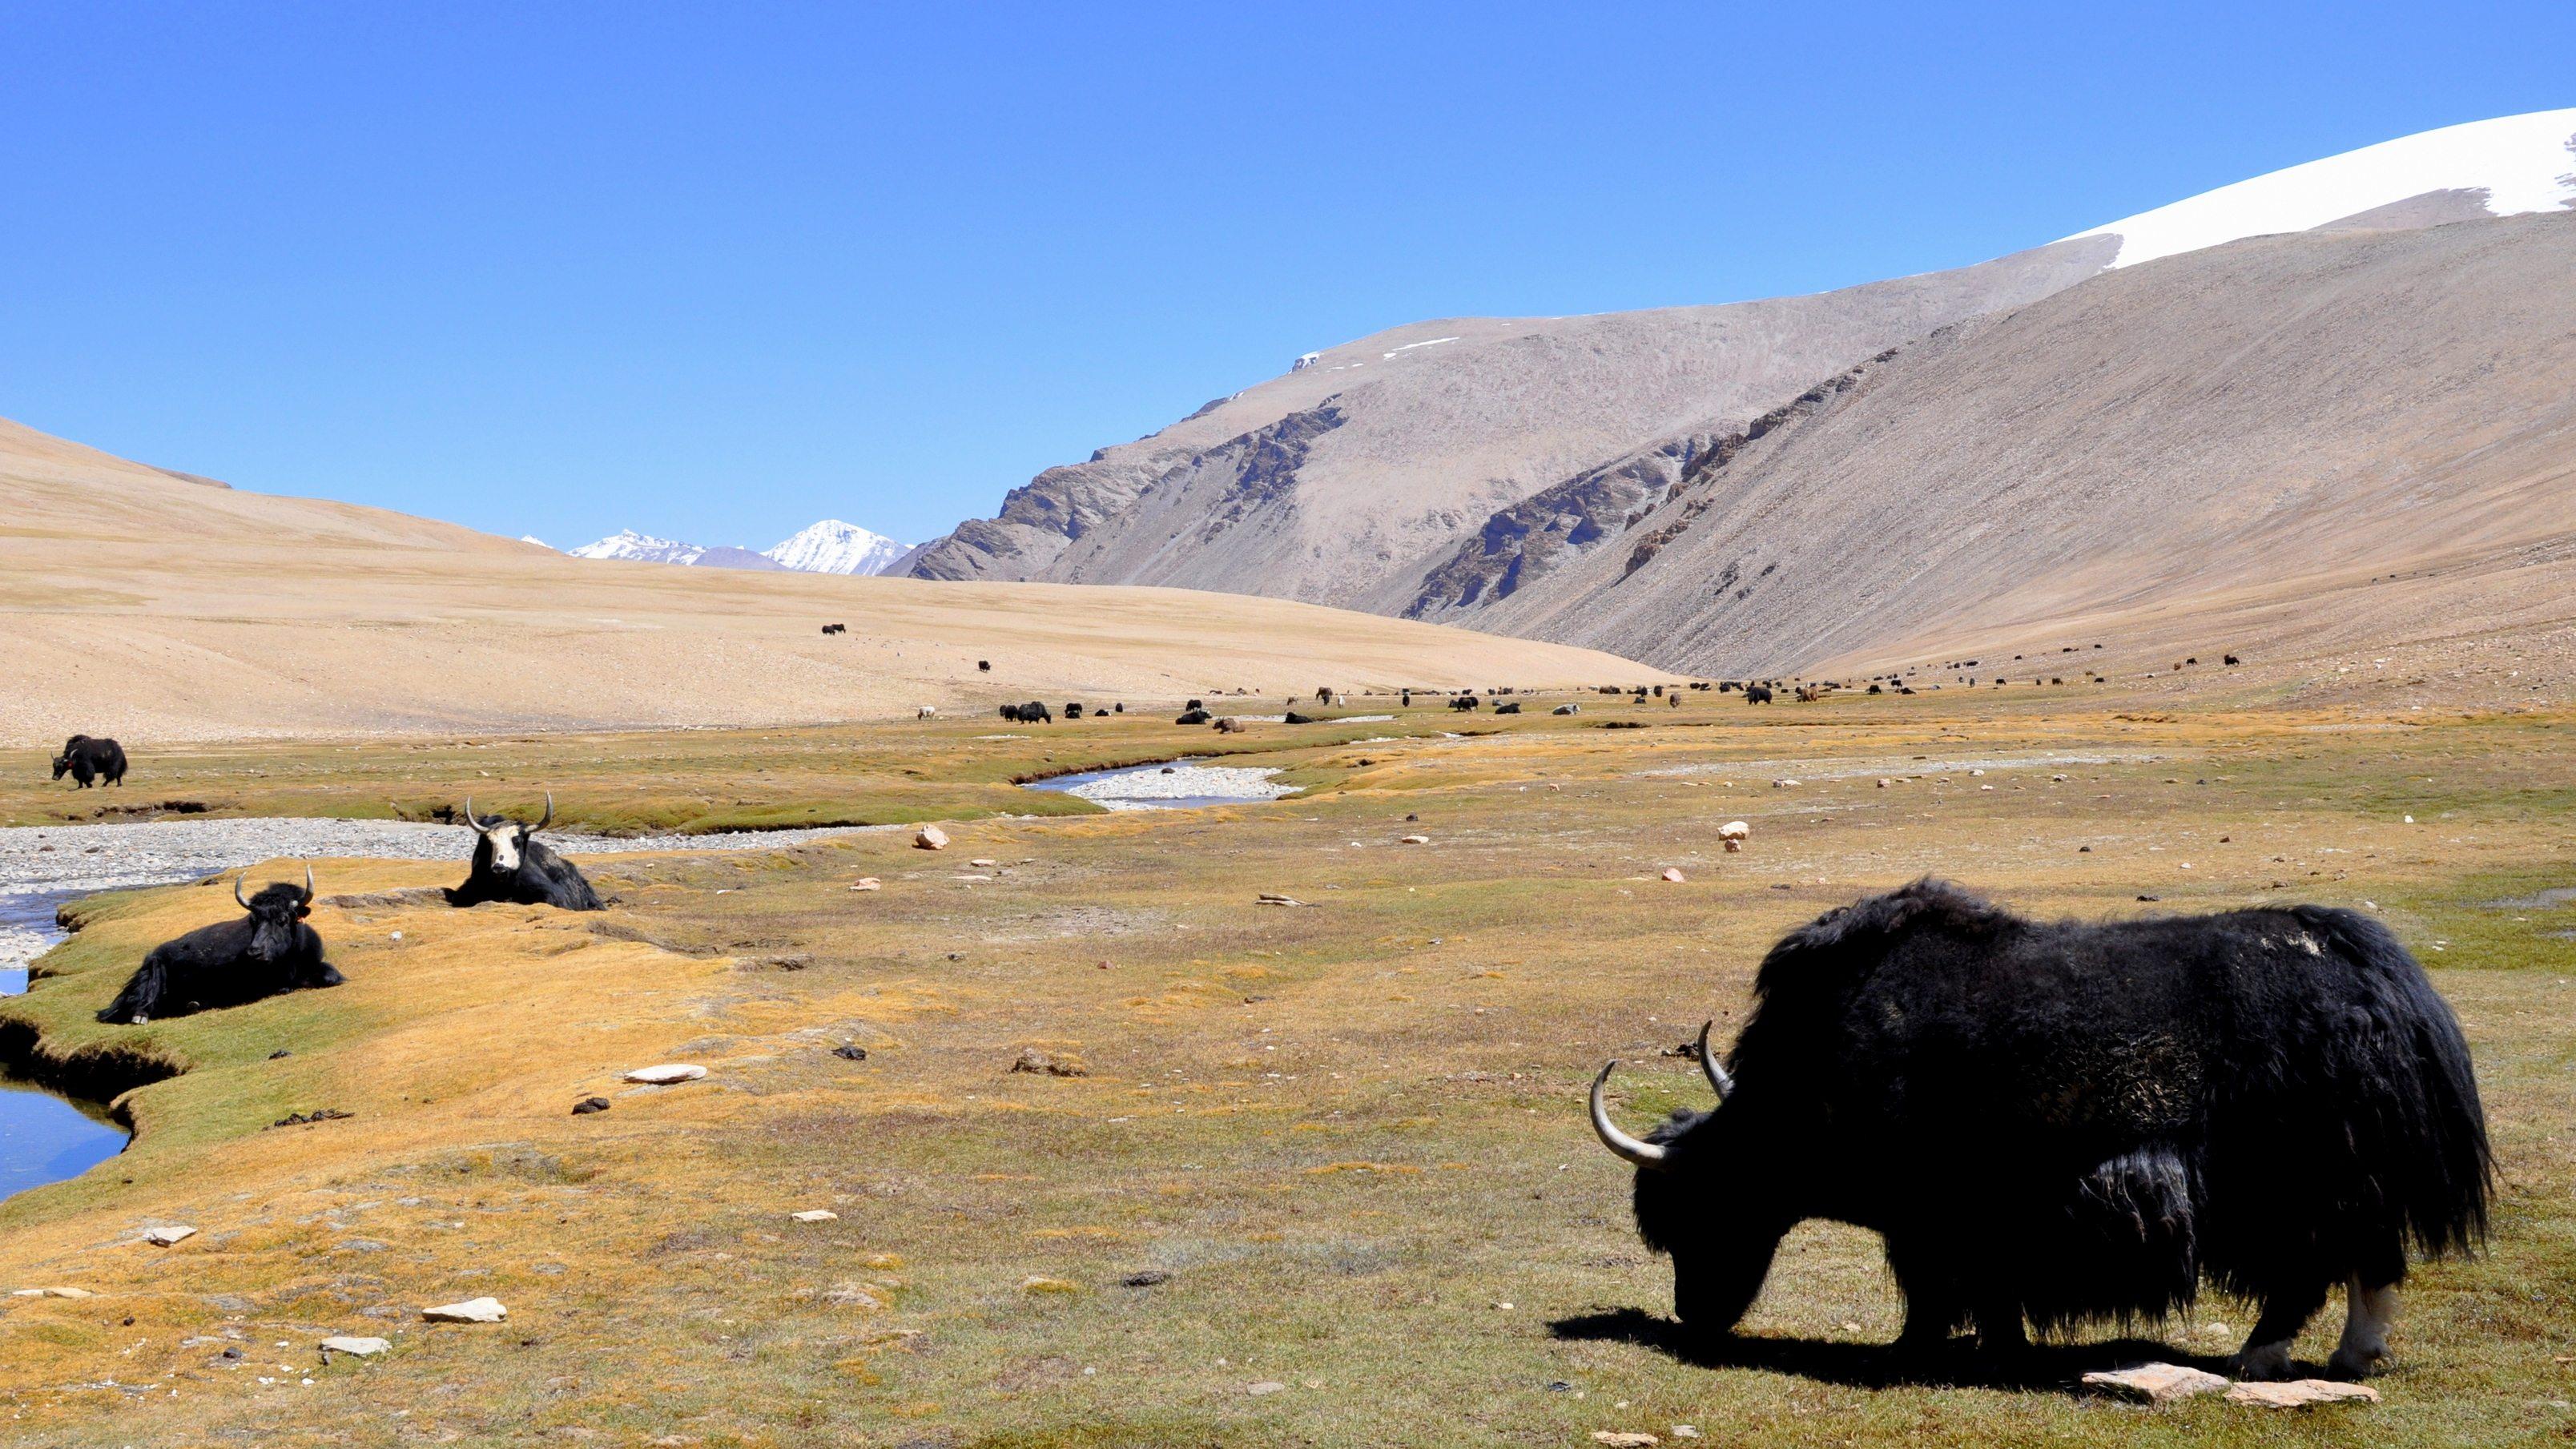 Changtang, Vallée perdue, entre les cols de Kyamaru La et Gyama La (5200m)